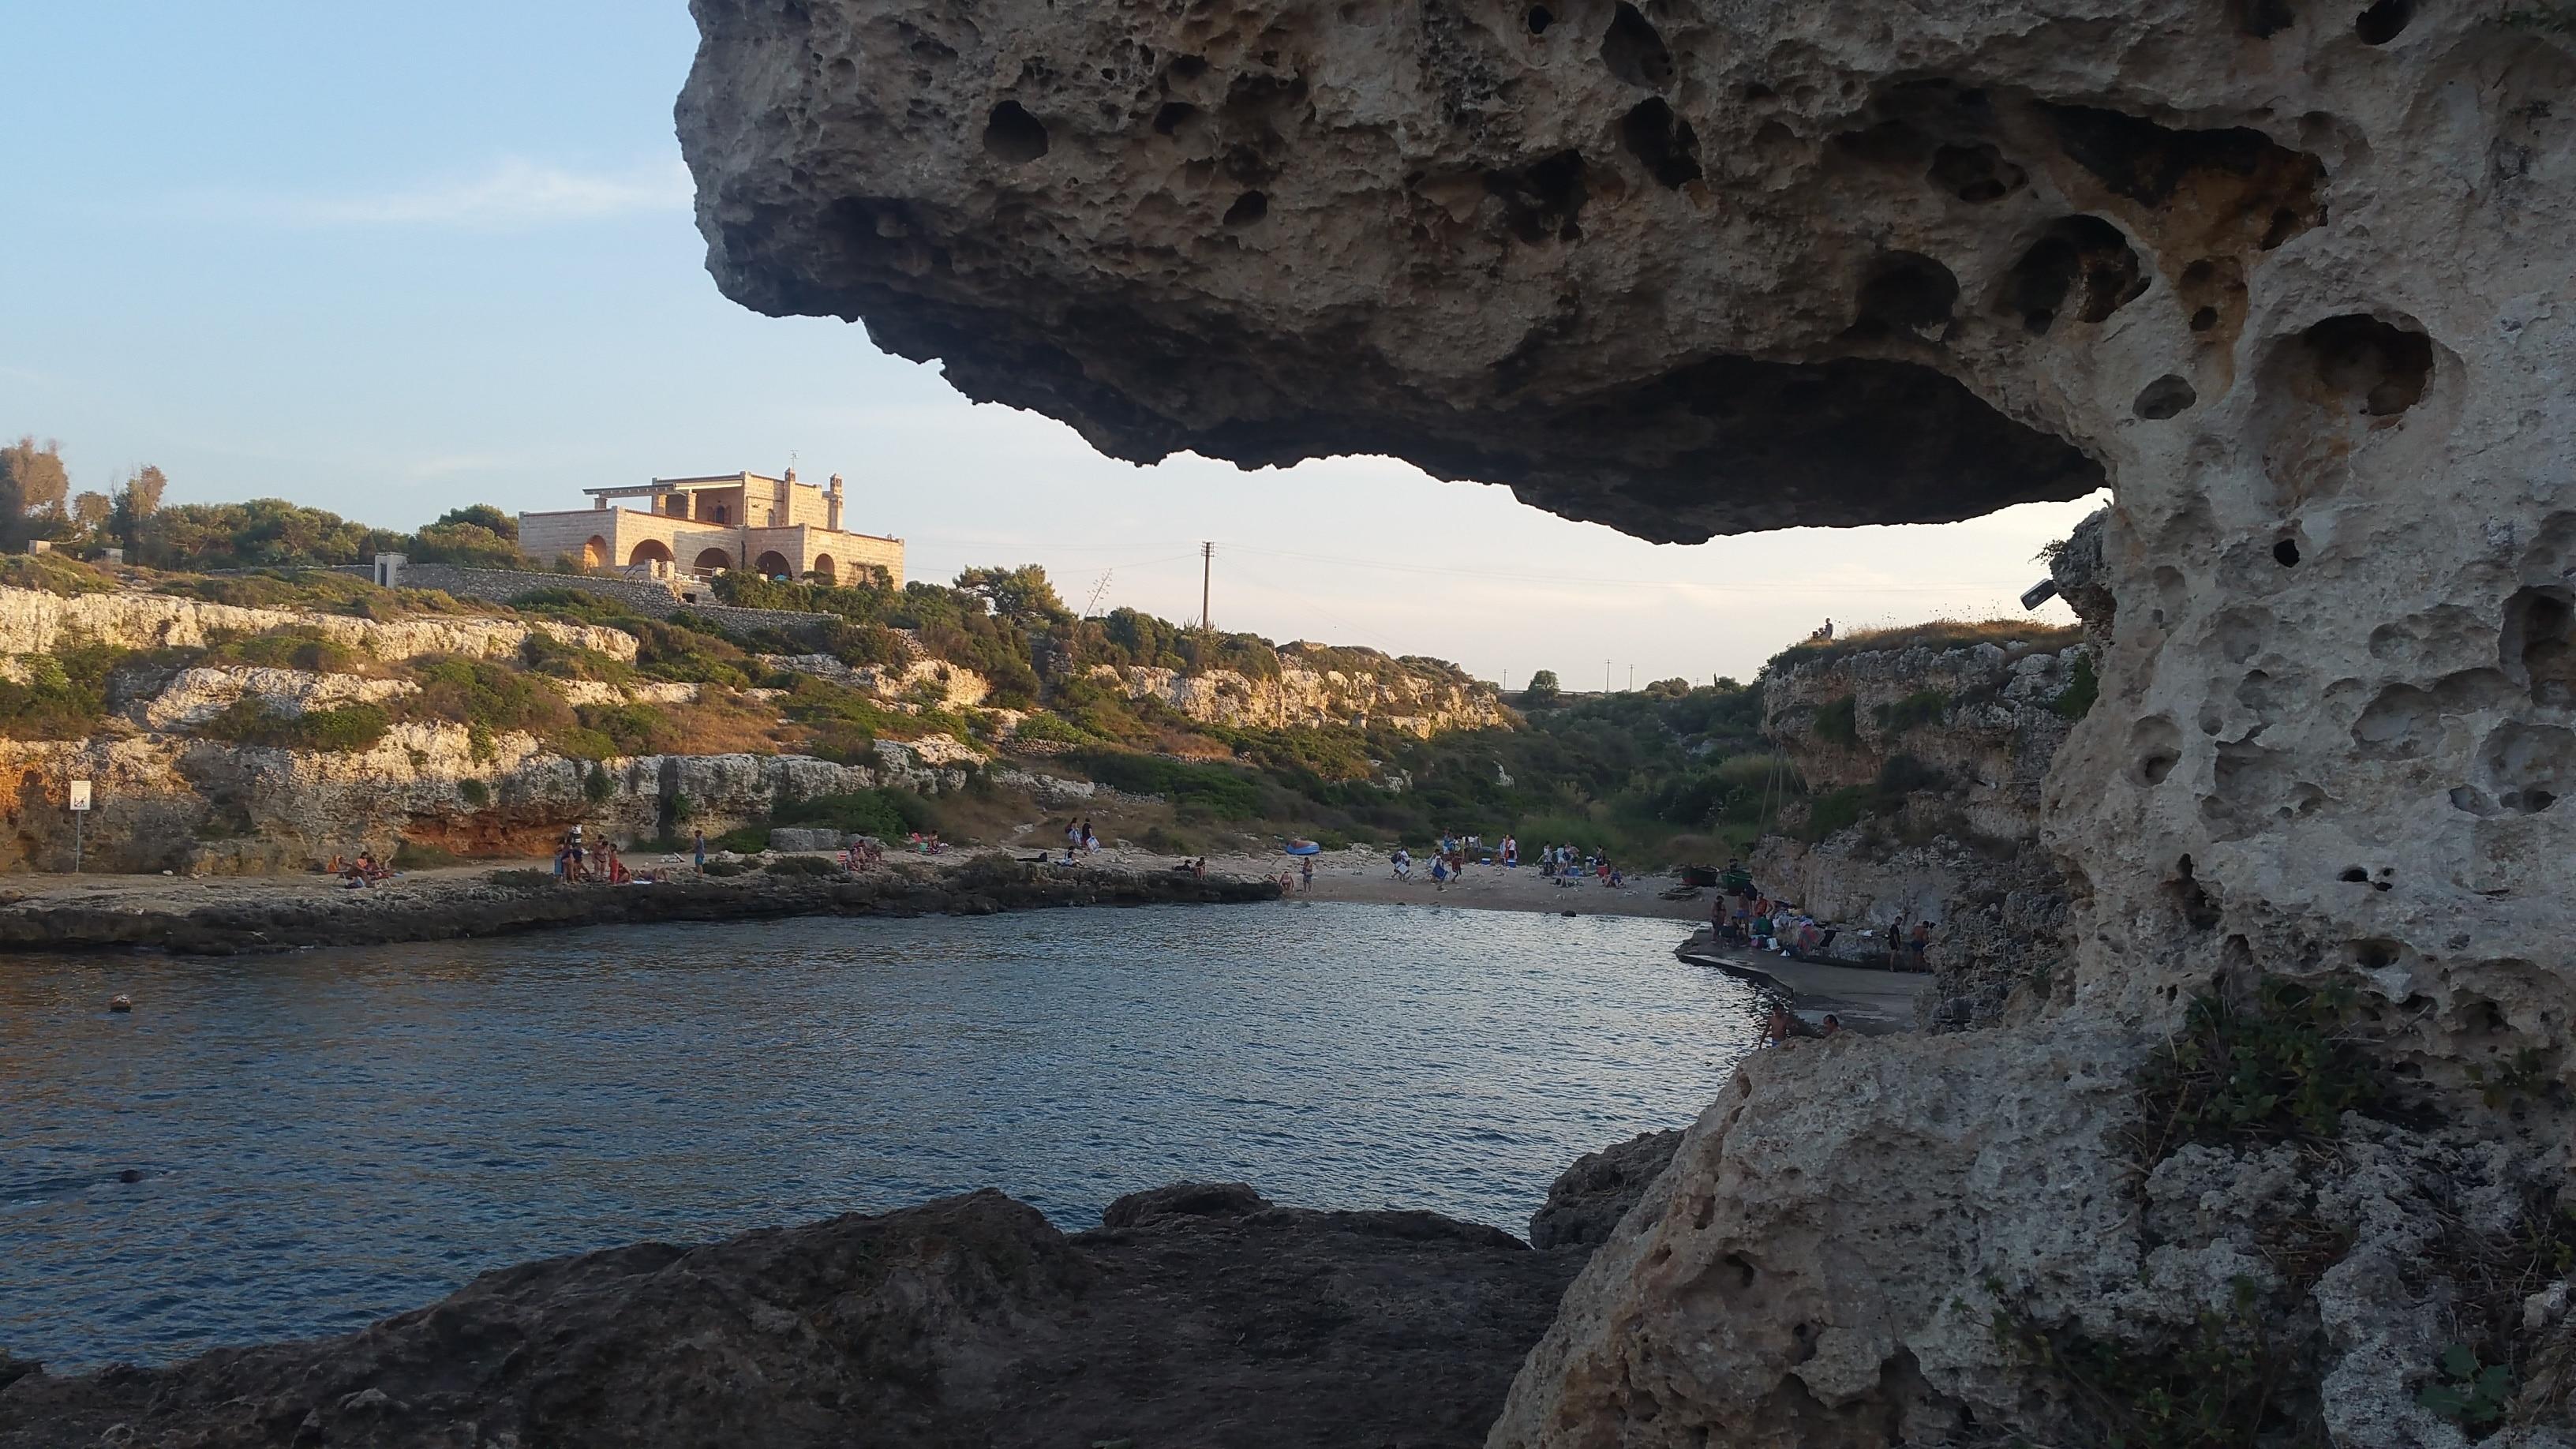 Spiaggia Cala Incina, Polignano a Mare, Puglia, Italy